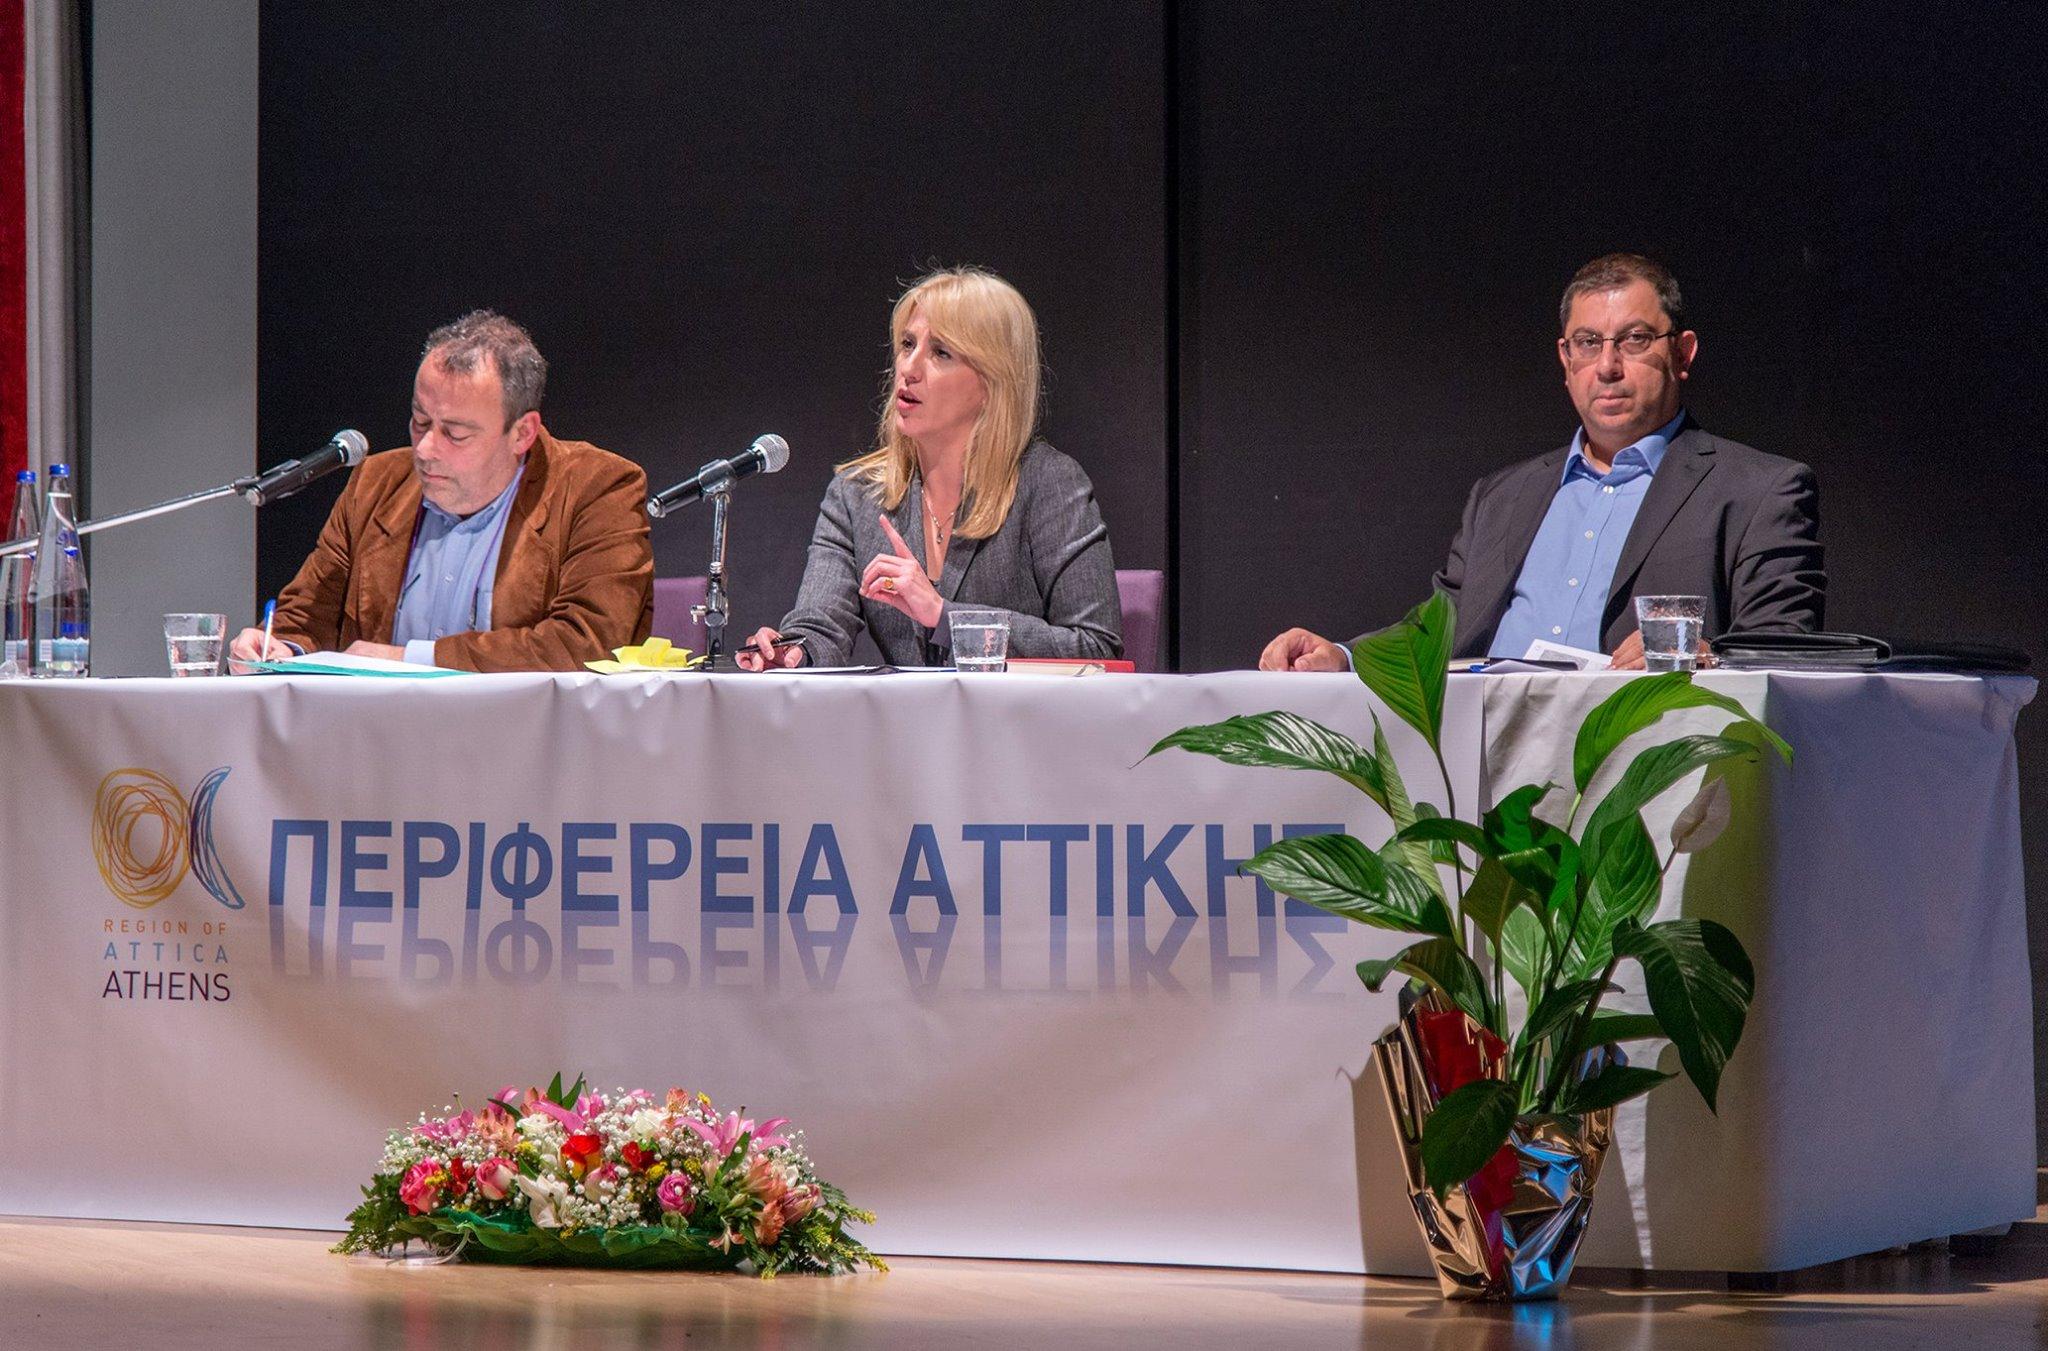 Απολογισμός ενός χρόνου για τον Νότιο Τομέα της Περιφέρειας Αττικής